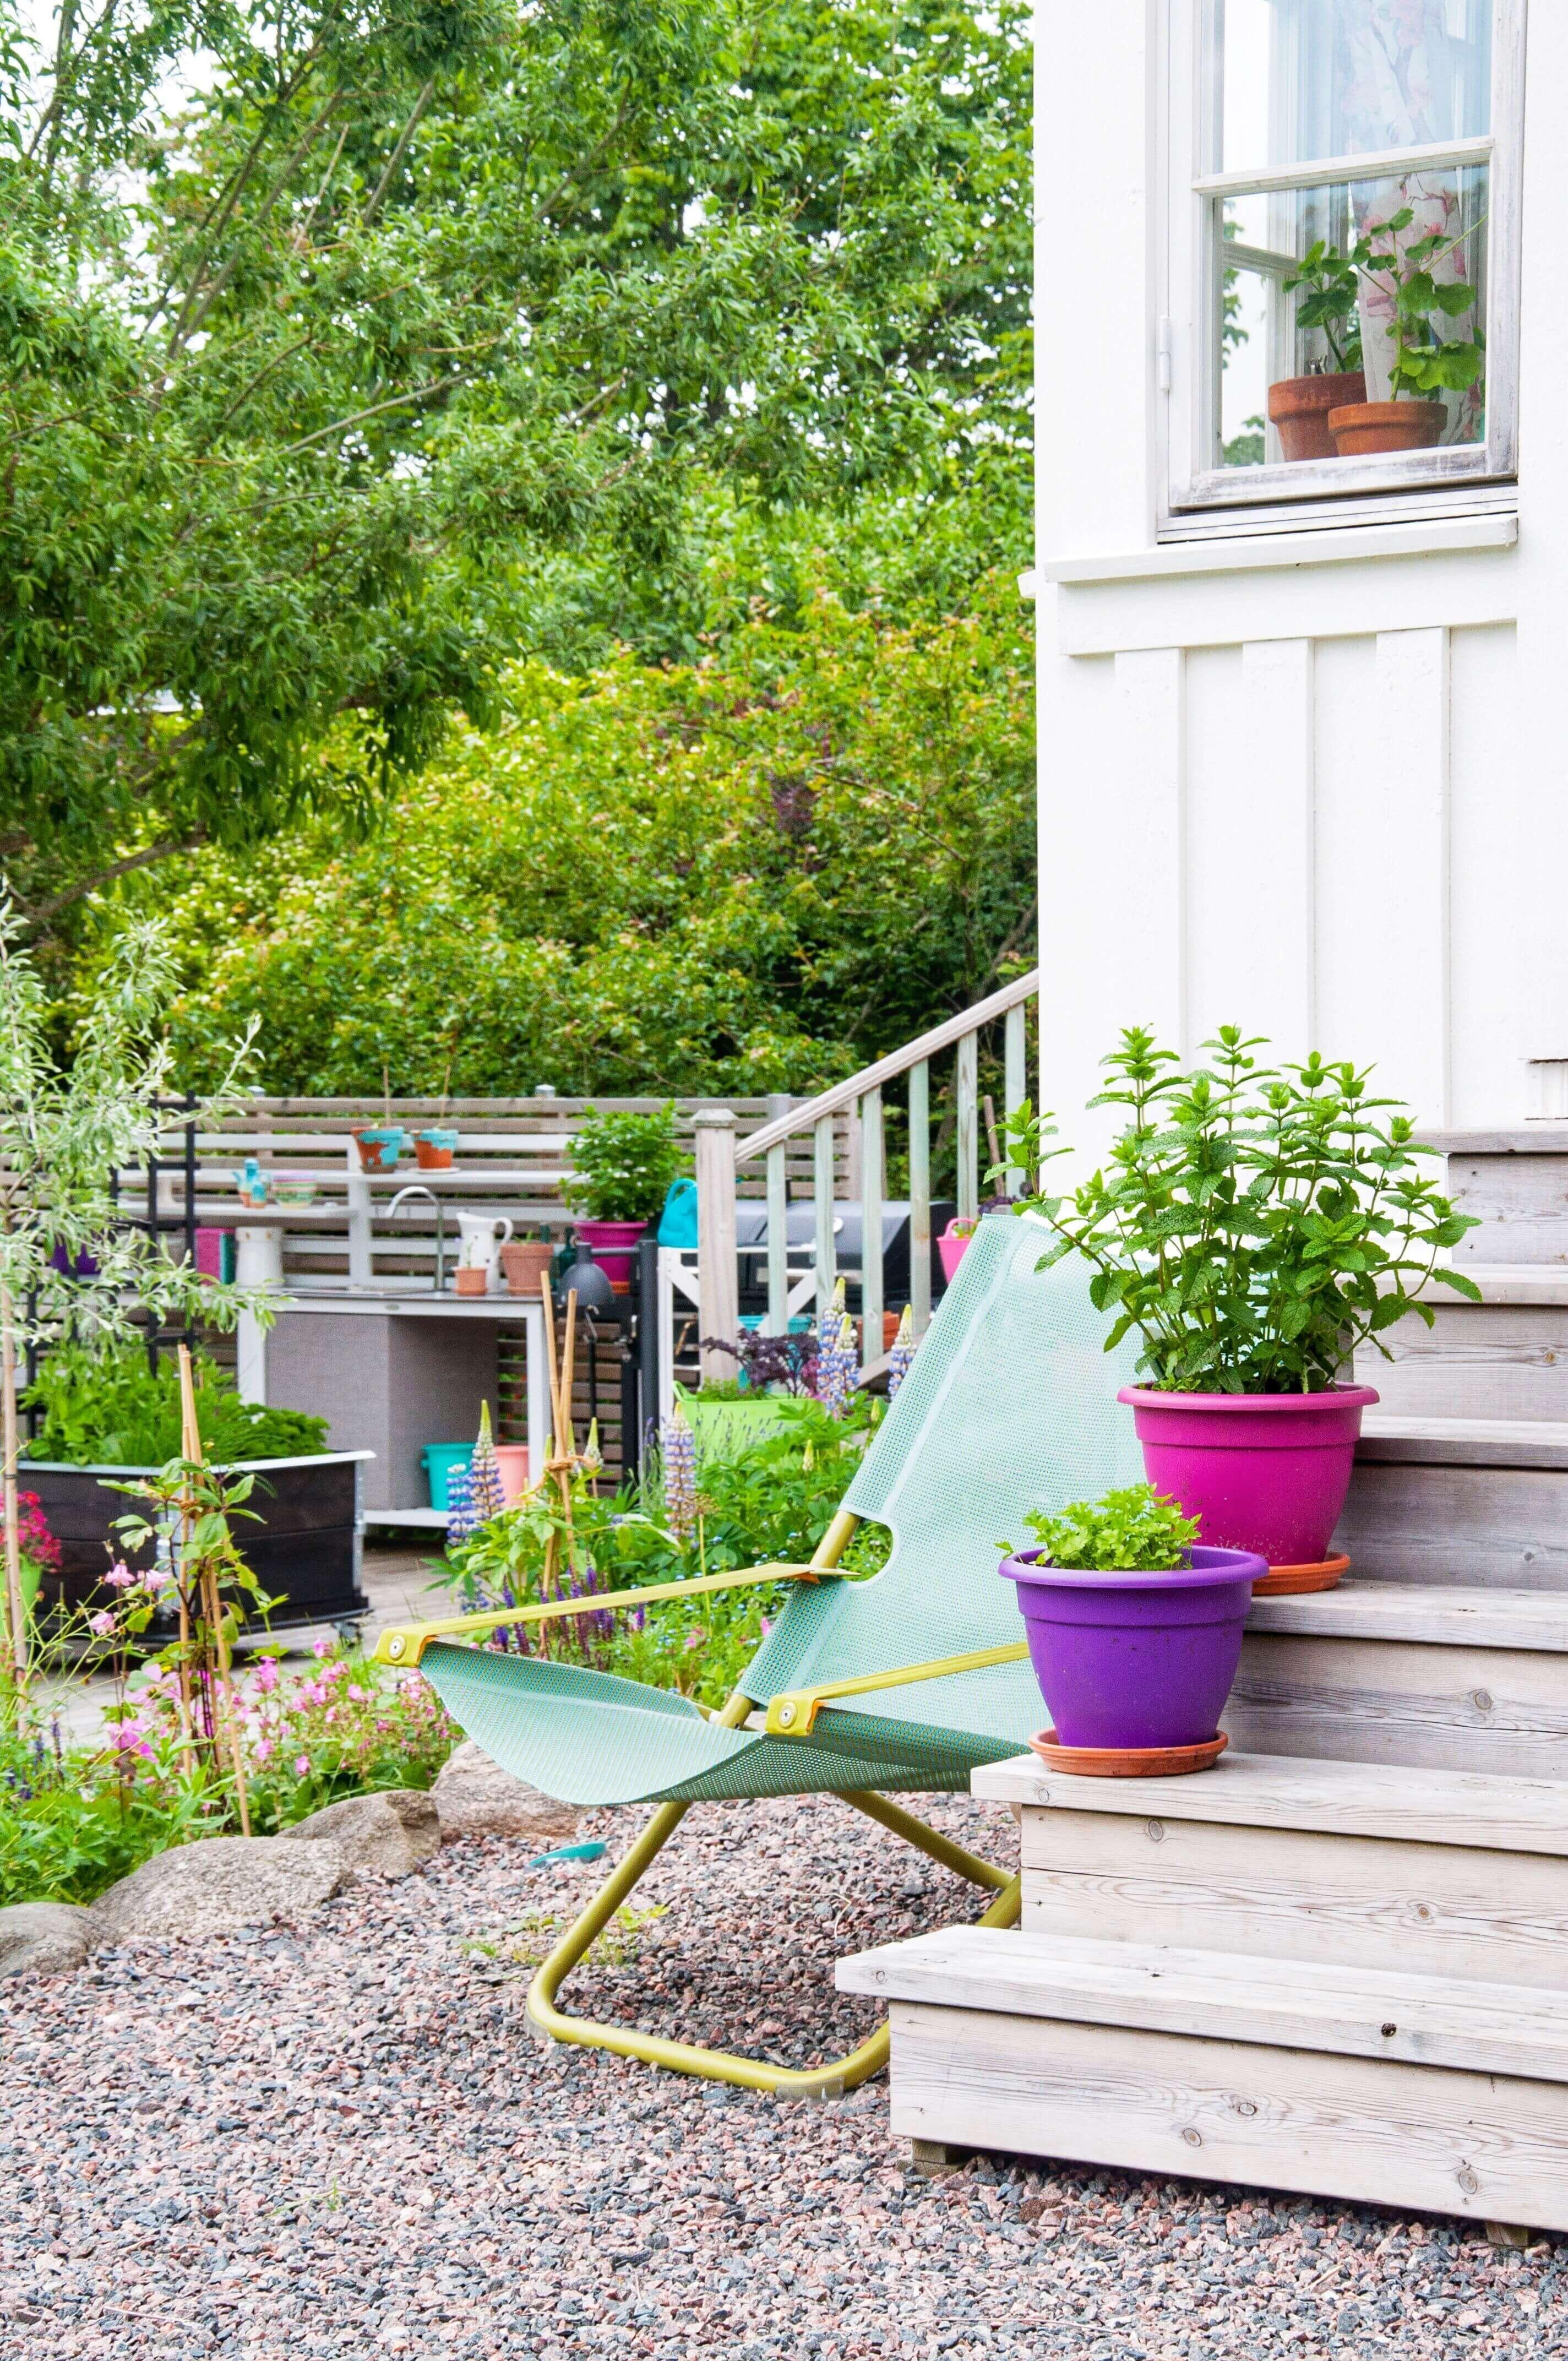 Odla i odlingslåda och kruka - Trädgård - Nilssons plantskola - blommor och bin, Leonor Juhl K - Fröken Turkos